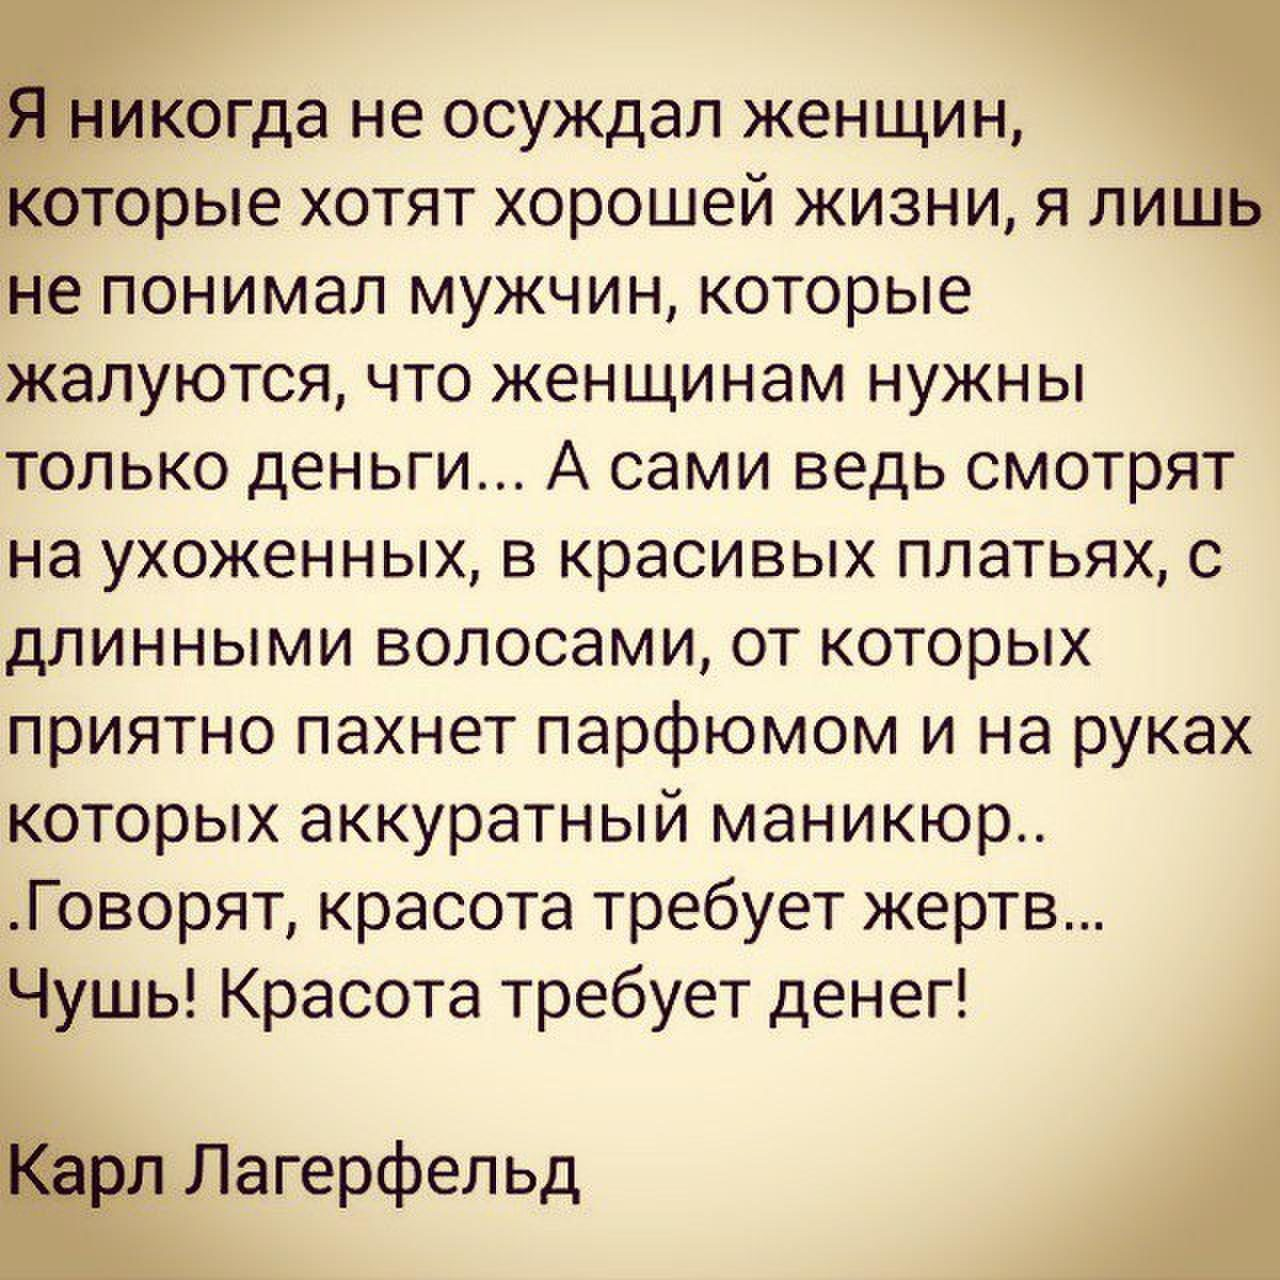 Цитаты про то как надо любить жизнь